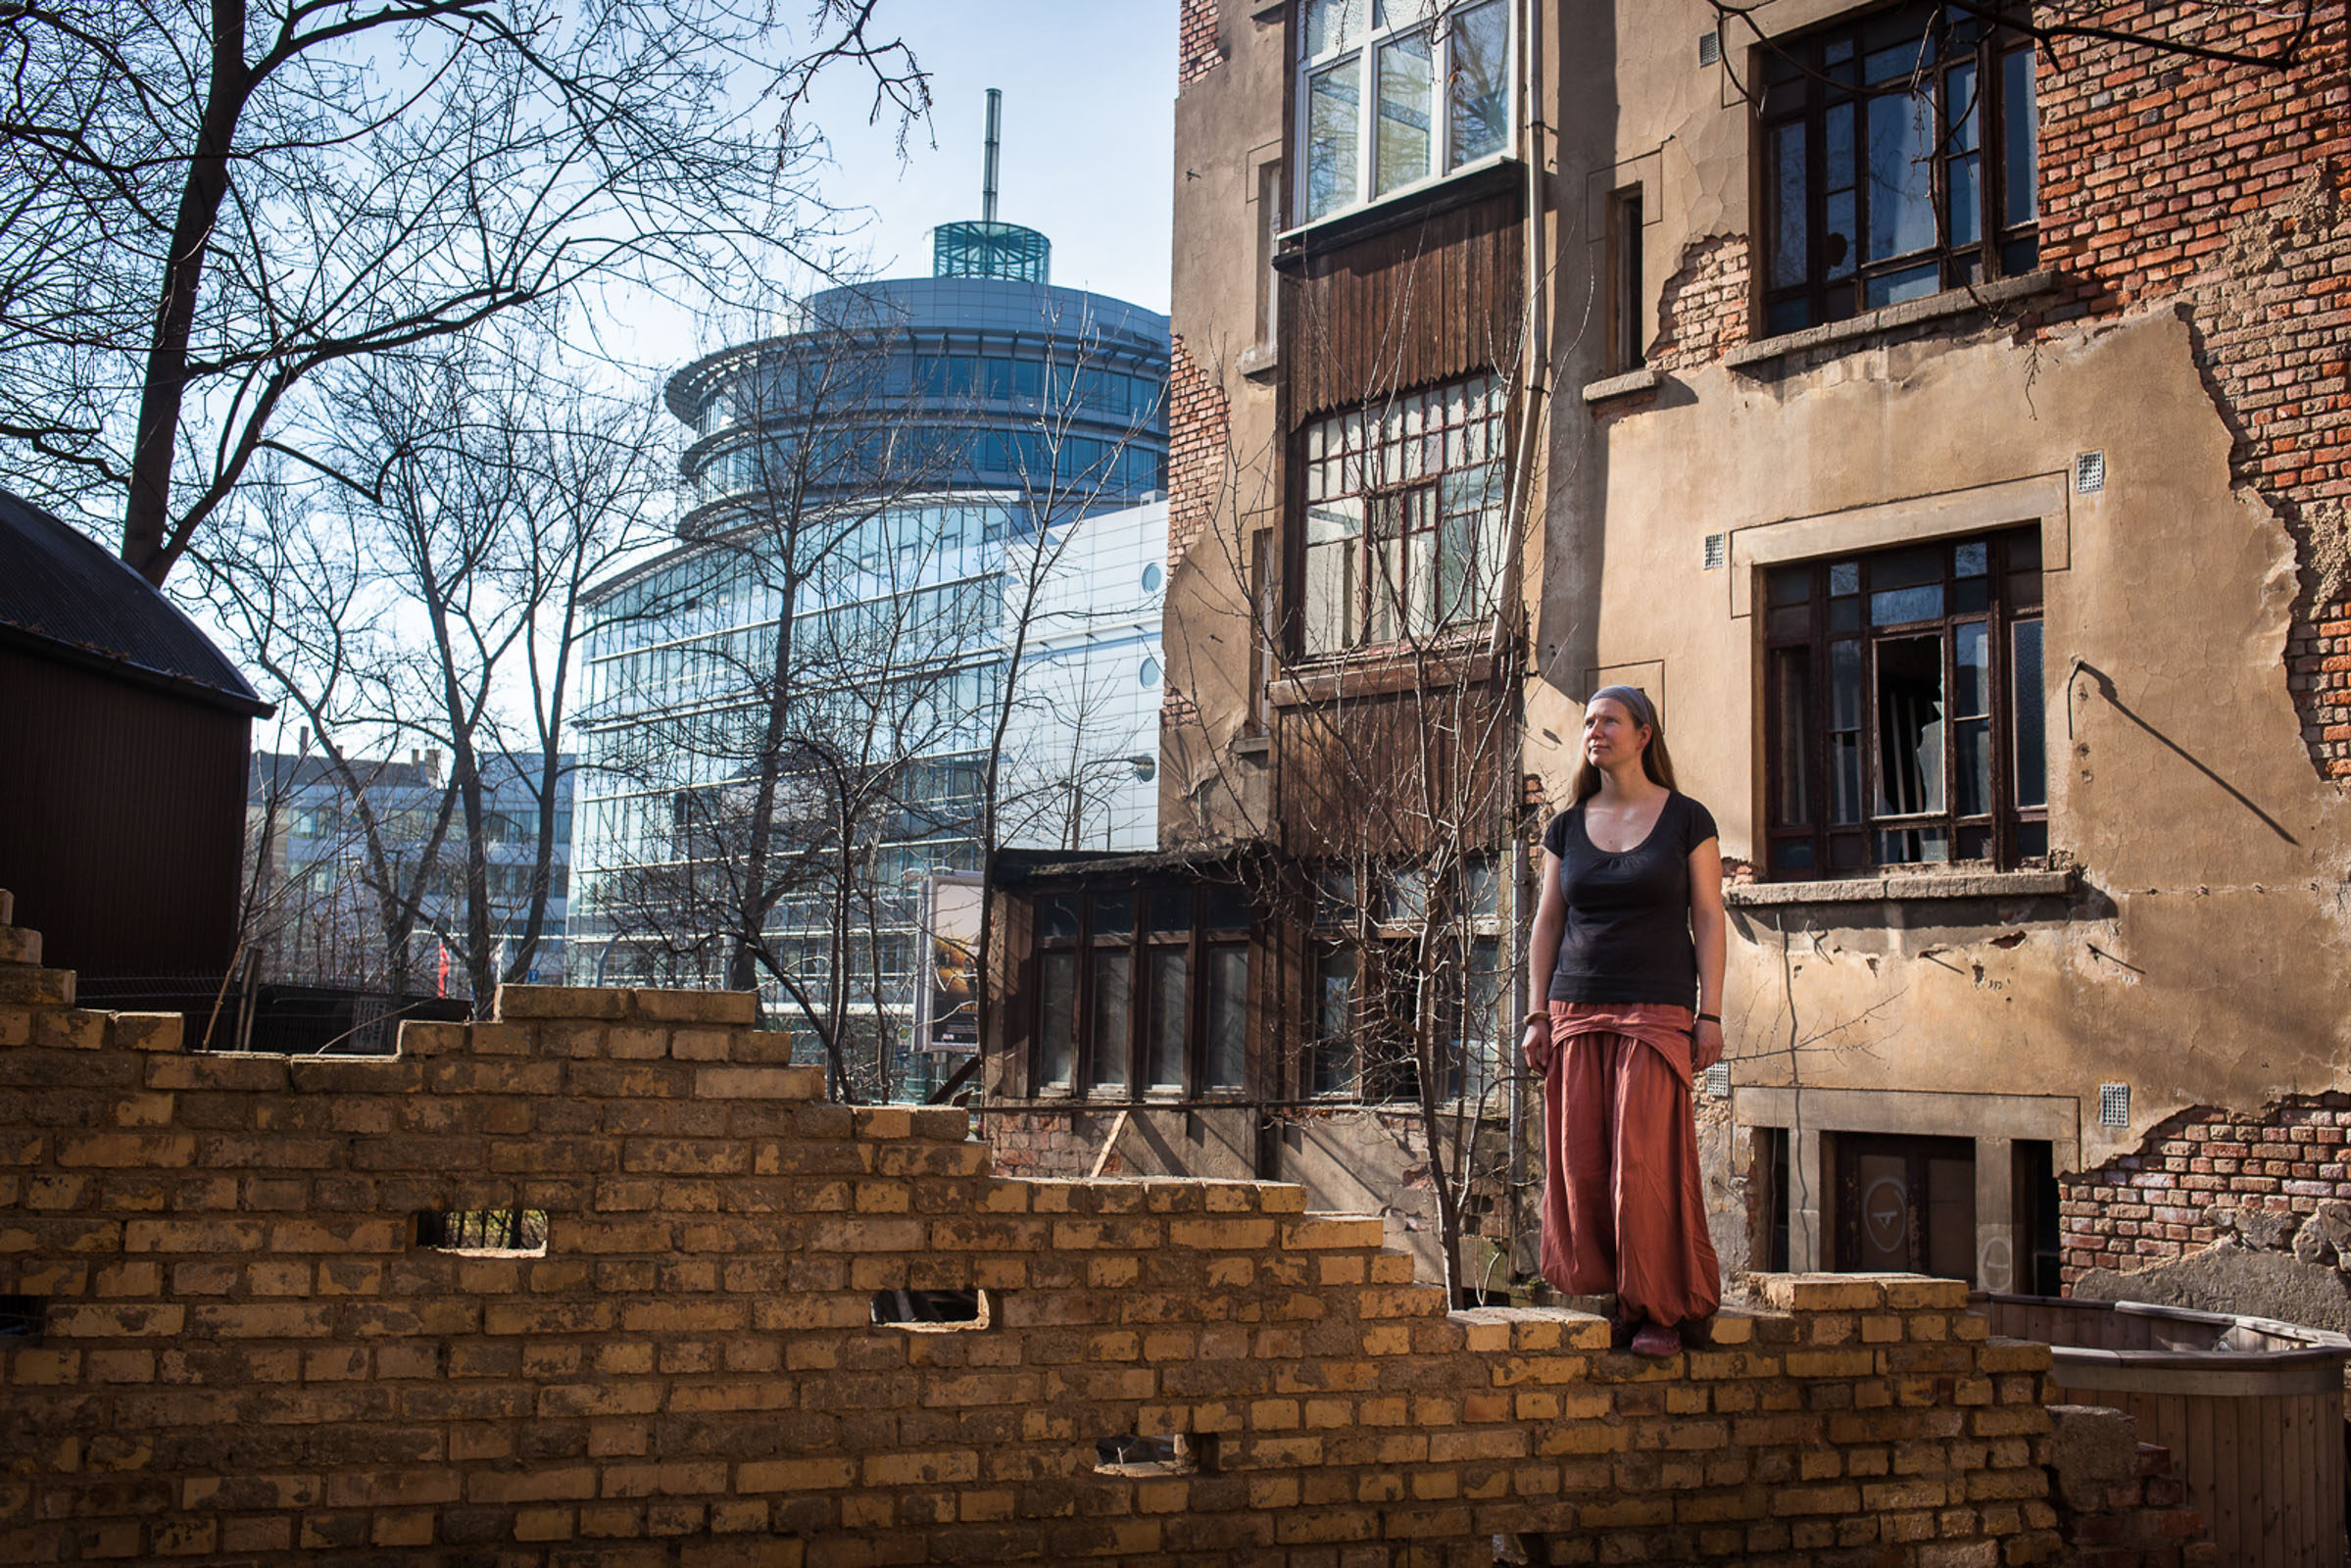 """Leipzig, le 9 Mars 2014. Suzie, 34 ans, est la plus jeune propriétaire des quartiers Est de Leipzig.  Il y a deux ans, elle a acquis ce bâtiment de 5 étages et 800 mètres carrés pour 30 000 euros. """"C'était ça où la ville le rasait. Il y a trop d'immeubles vides ici, la mairie ne sait plus quoi en faire"""". De cet immense espace à réhabiliter, elle a fait un lieu de vie alternatif, sorte d'utopie communautaire.  Leipzig, March 9, 2014. Suzie, 34, is the youngest owner of East Leipzig neighborhoods. Two years ago, she acquired the 5 floors and 800 square meters for 30,000 euros. """"The city was about to demolish it. There are too many empty buildings here, the town does not know what to do."""" From this huge space to be rehabilitated, she made a place of alternative life, a kind of communal utopia."""